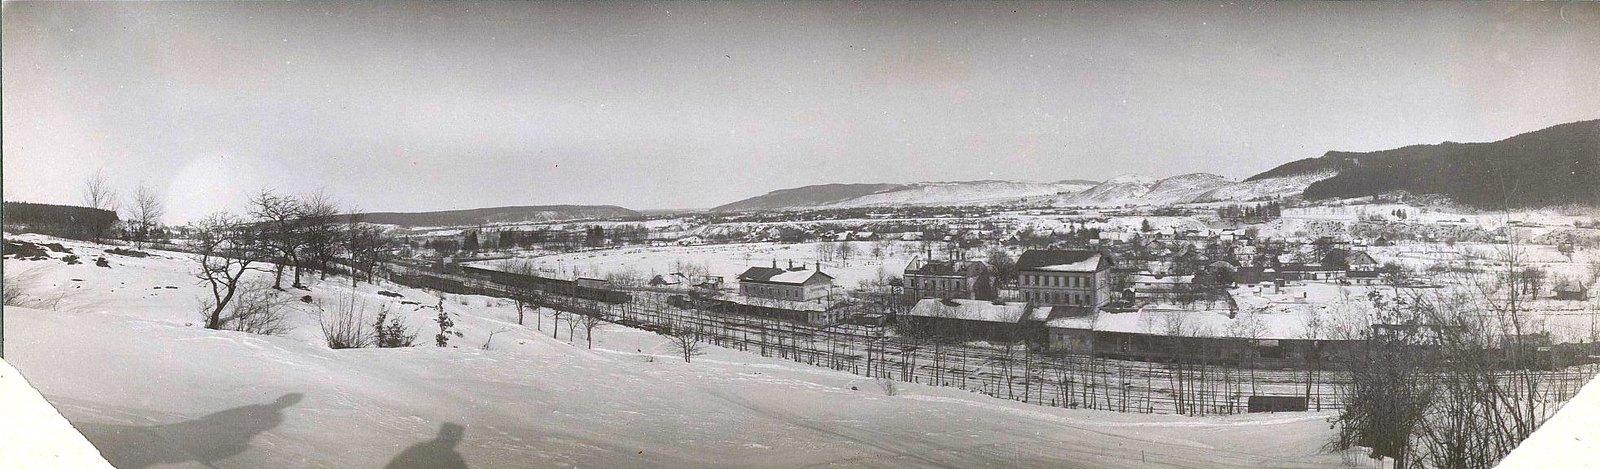 1914. Вид на Галицийский городок